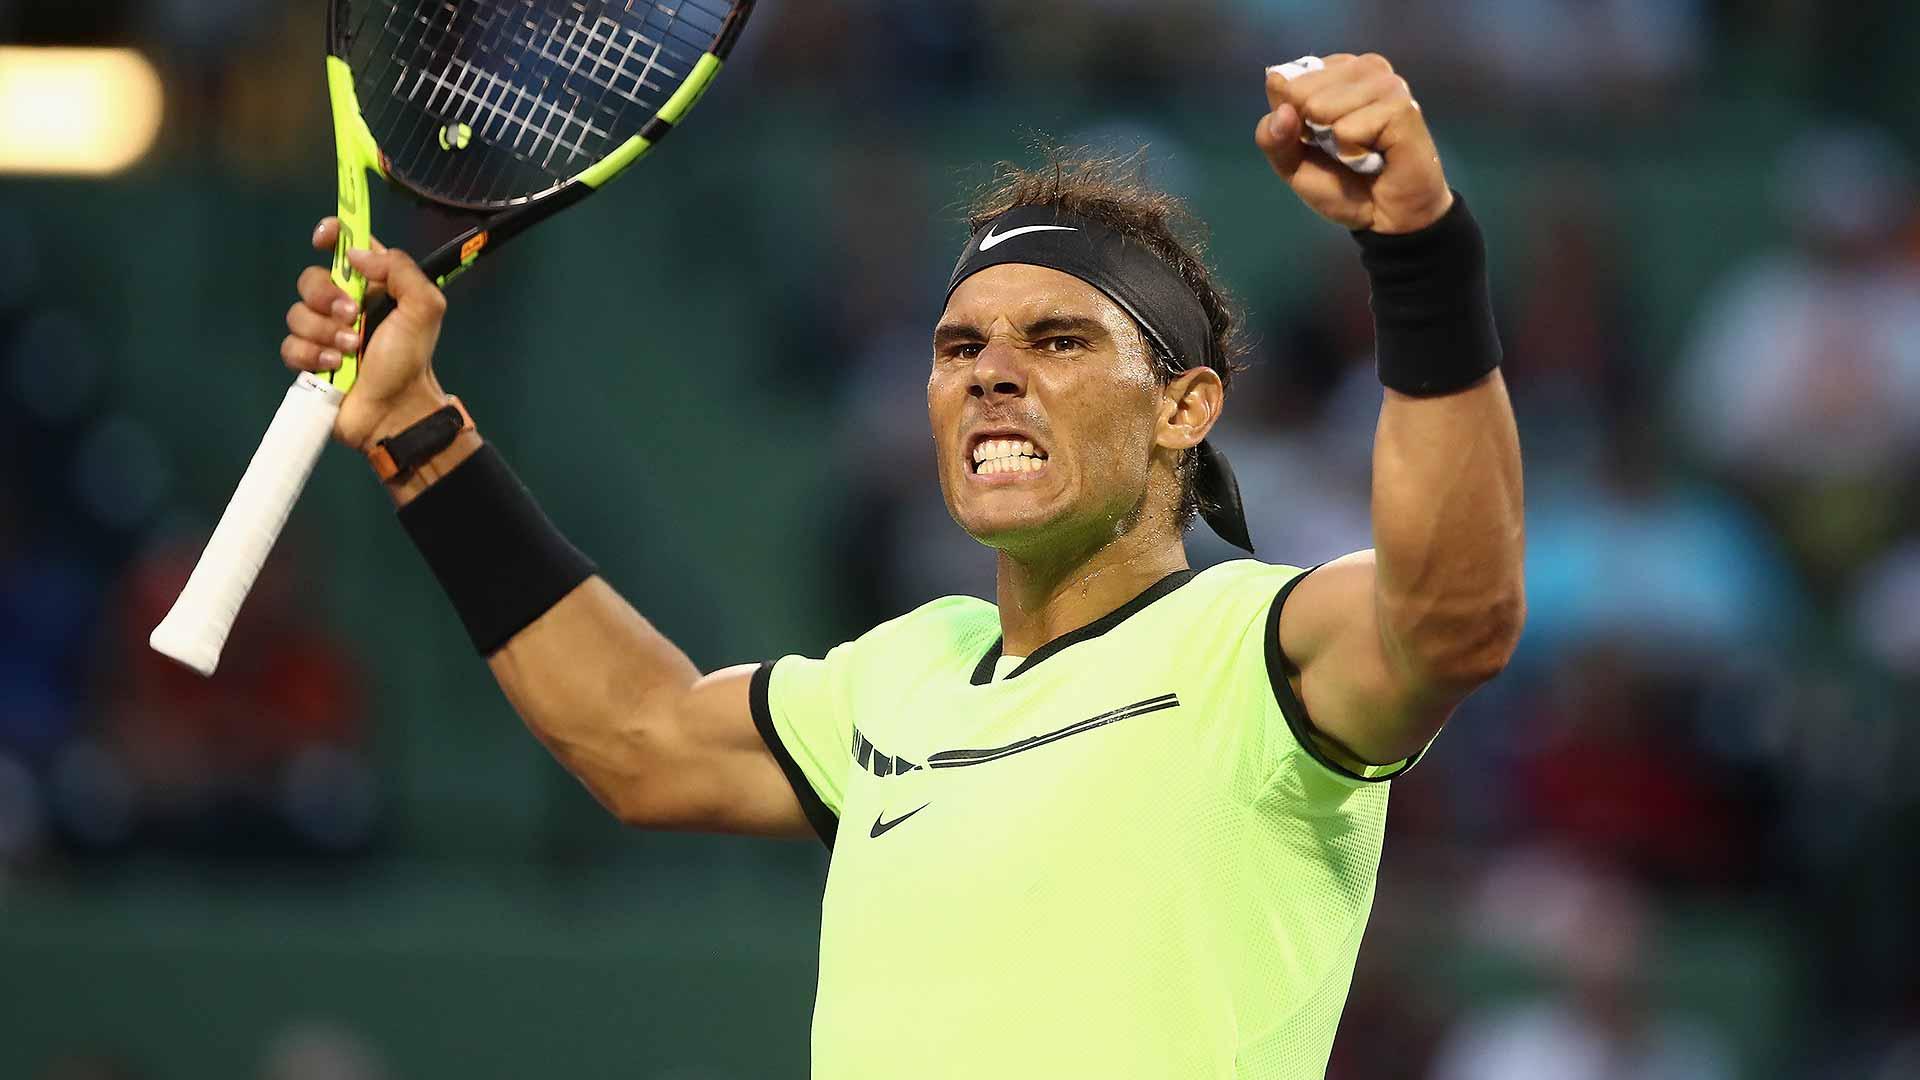 Tennis records broken in 2017